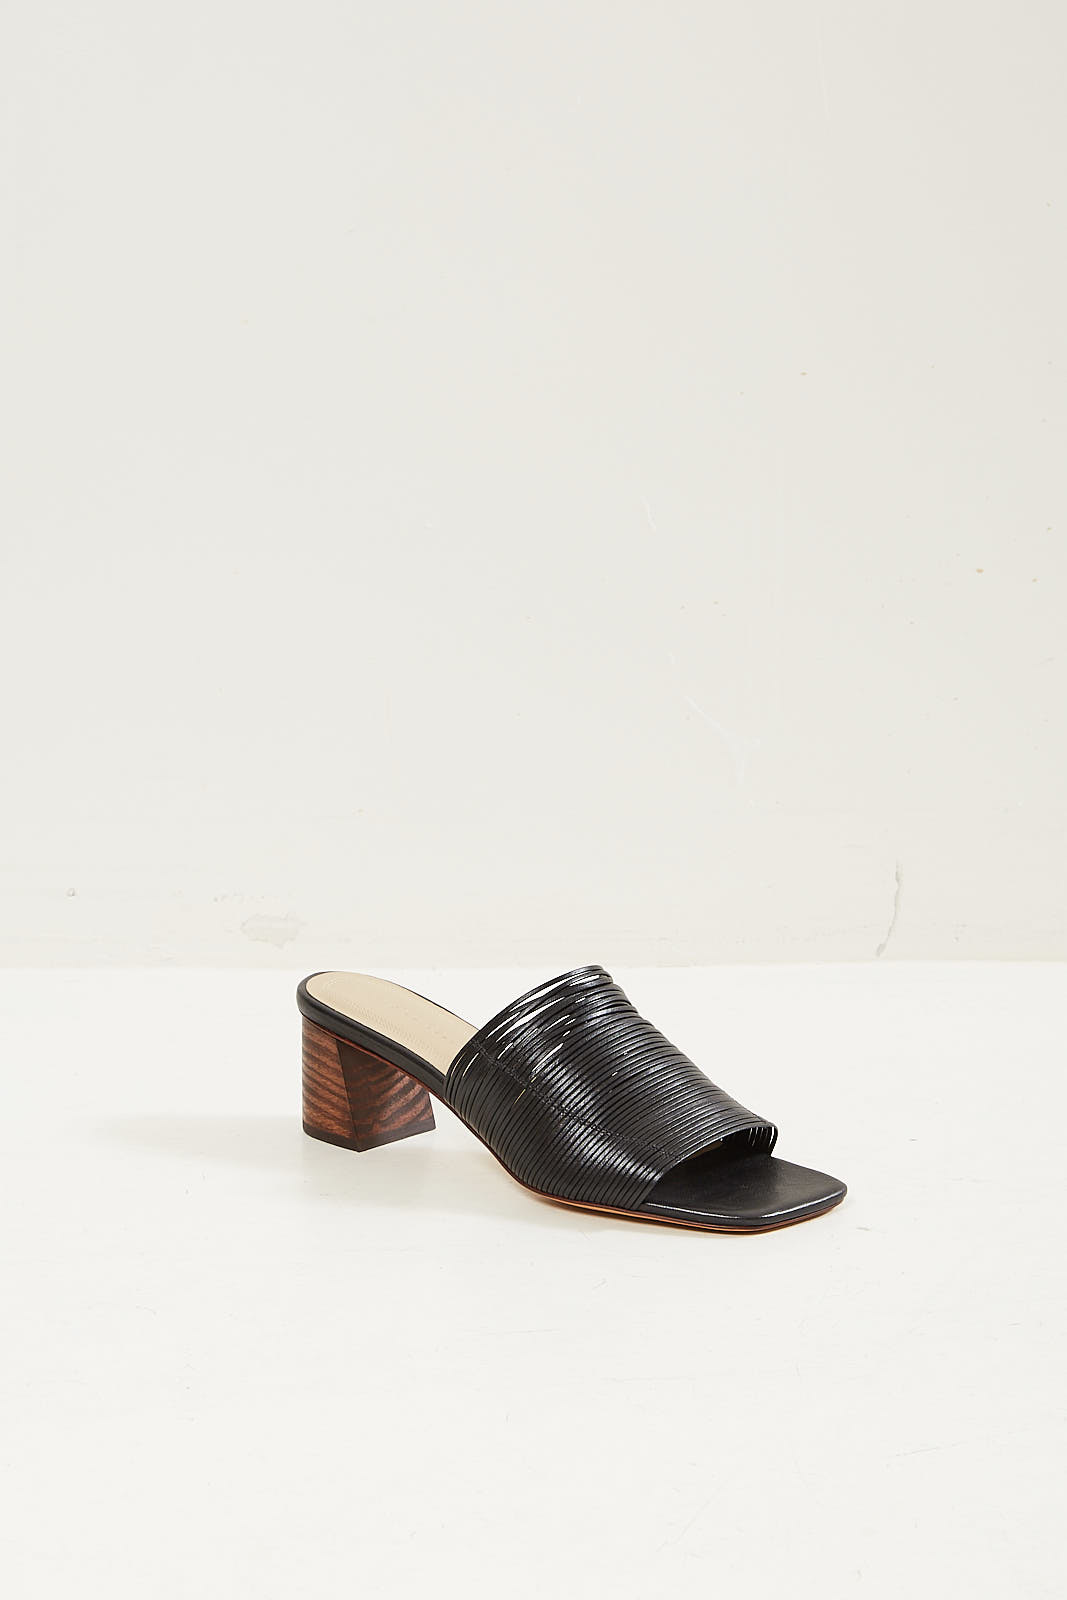 Mari Giudicelli Gisele sandal preto